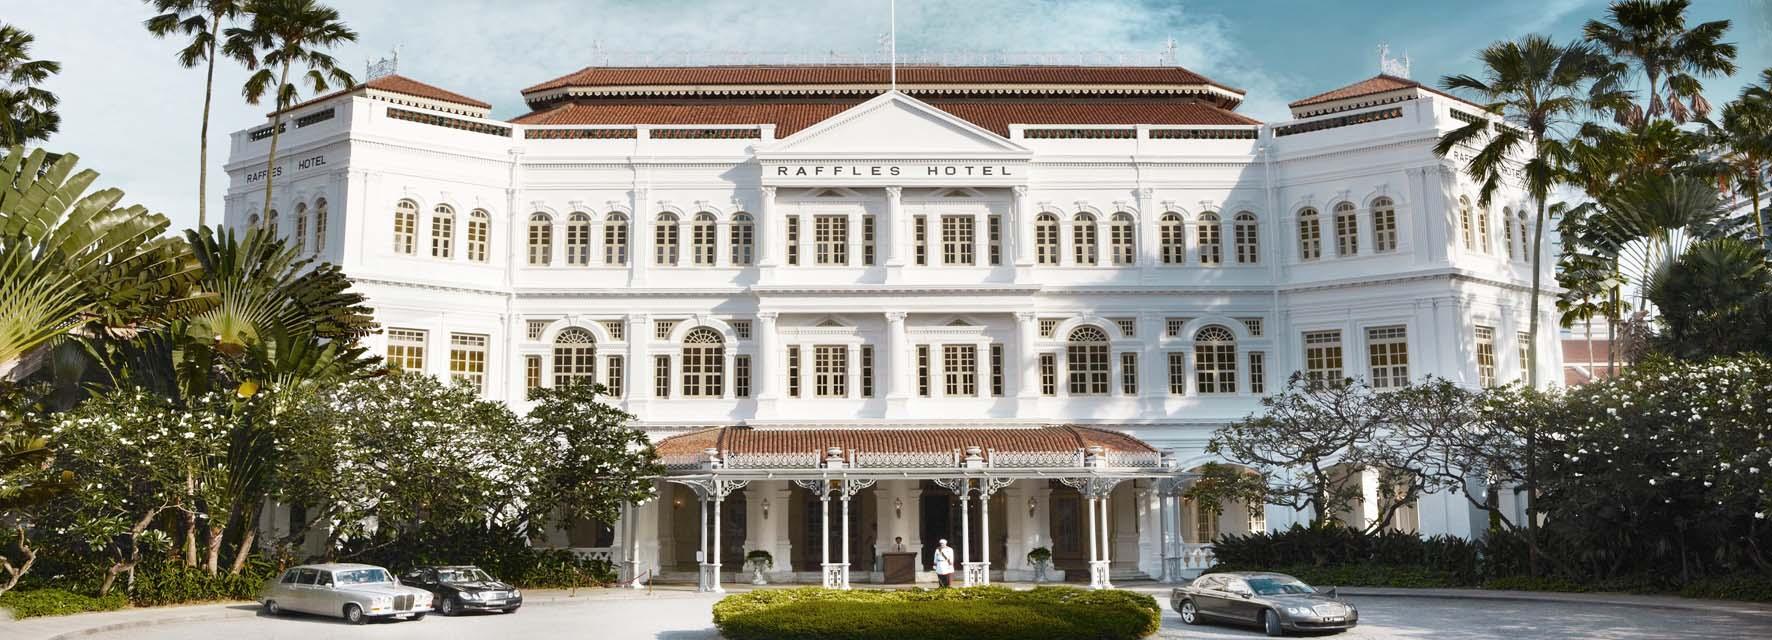 raffles-singapore-exterior